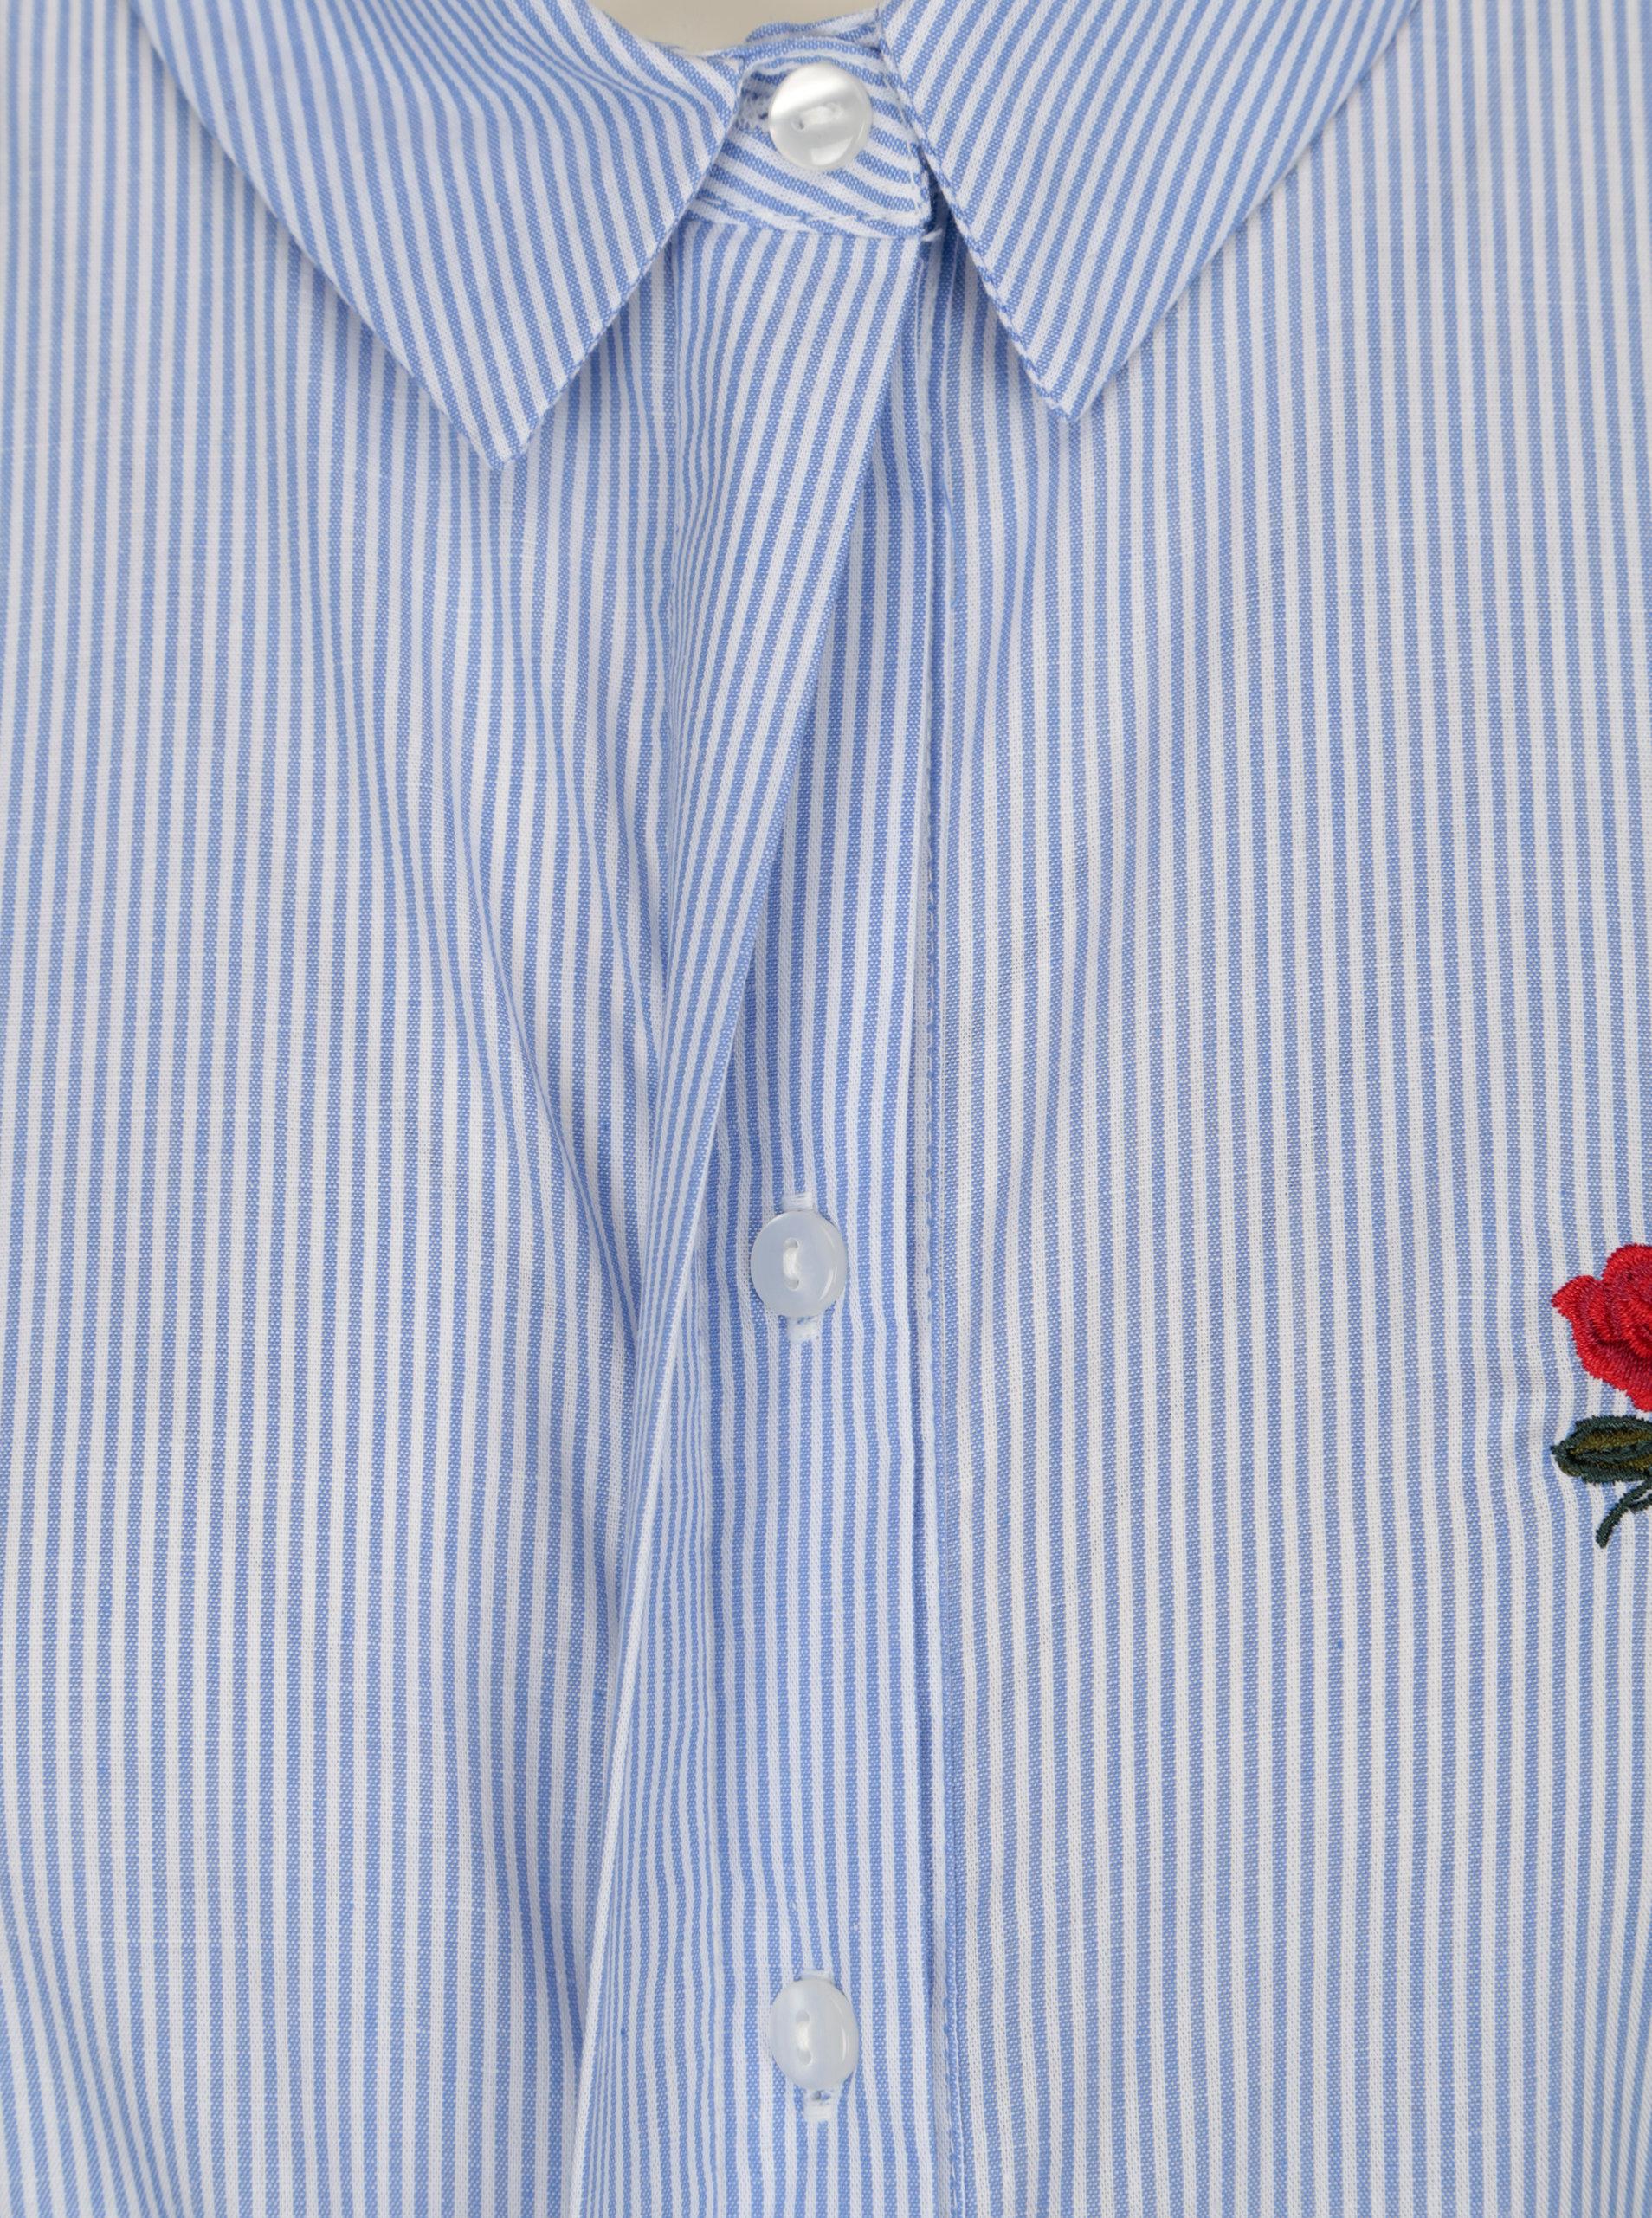 f75e18b6f74b Bielo-modrá dlhá pruhovaná košeľa VERO MODA Multi Rosa ...